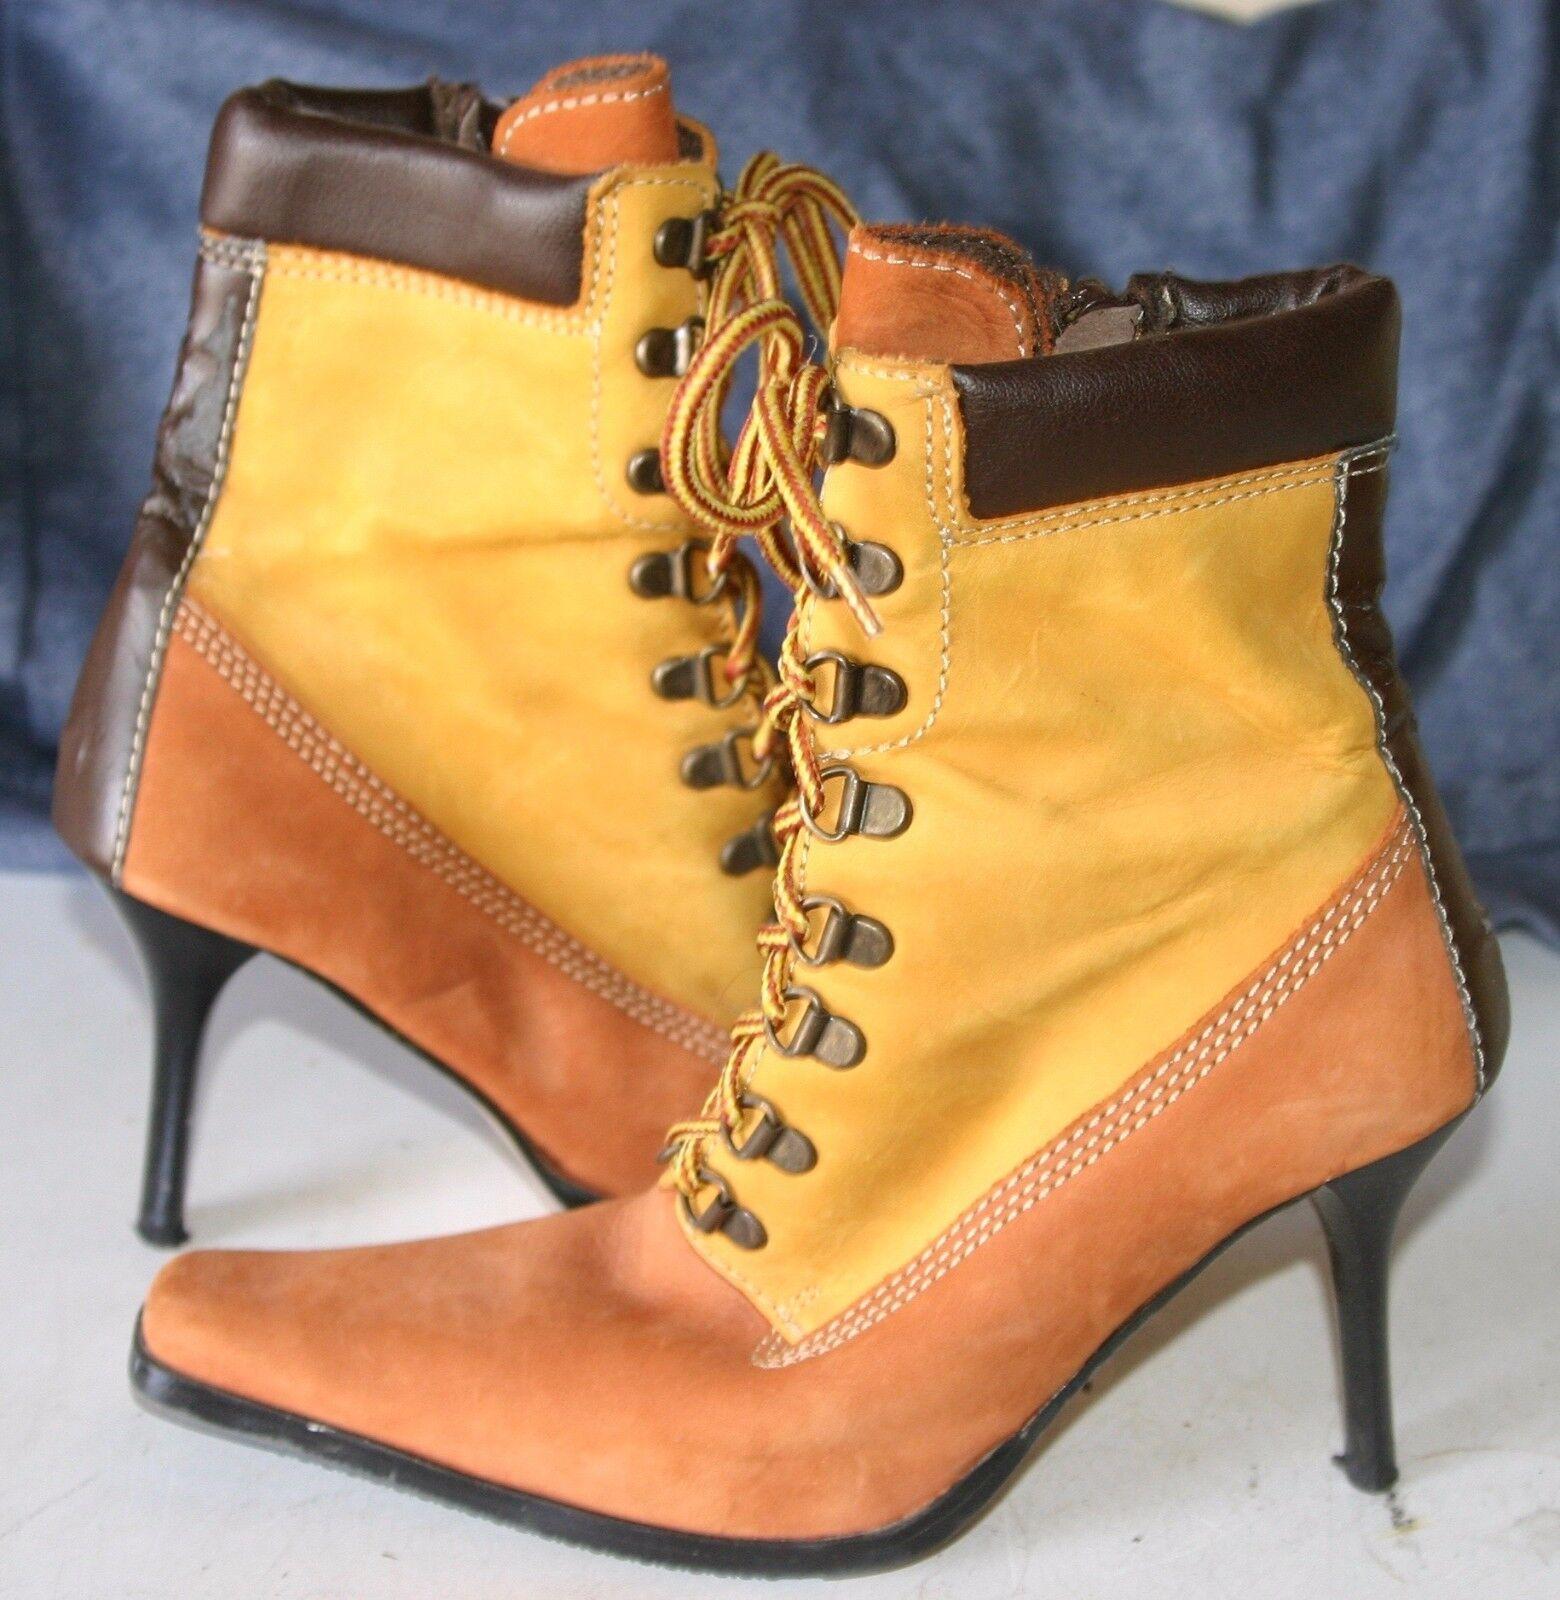 BECKIR DESIGNER Multi-Farbeed ankle boots - Leder - Größe 7 - STUNNING